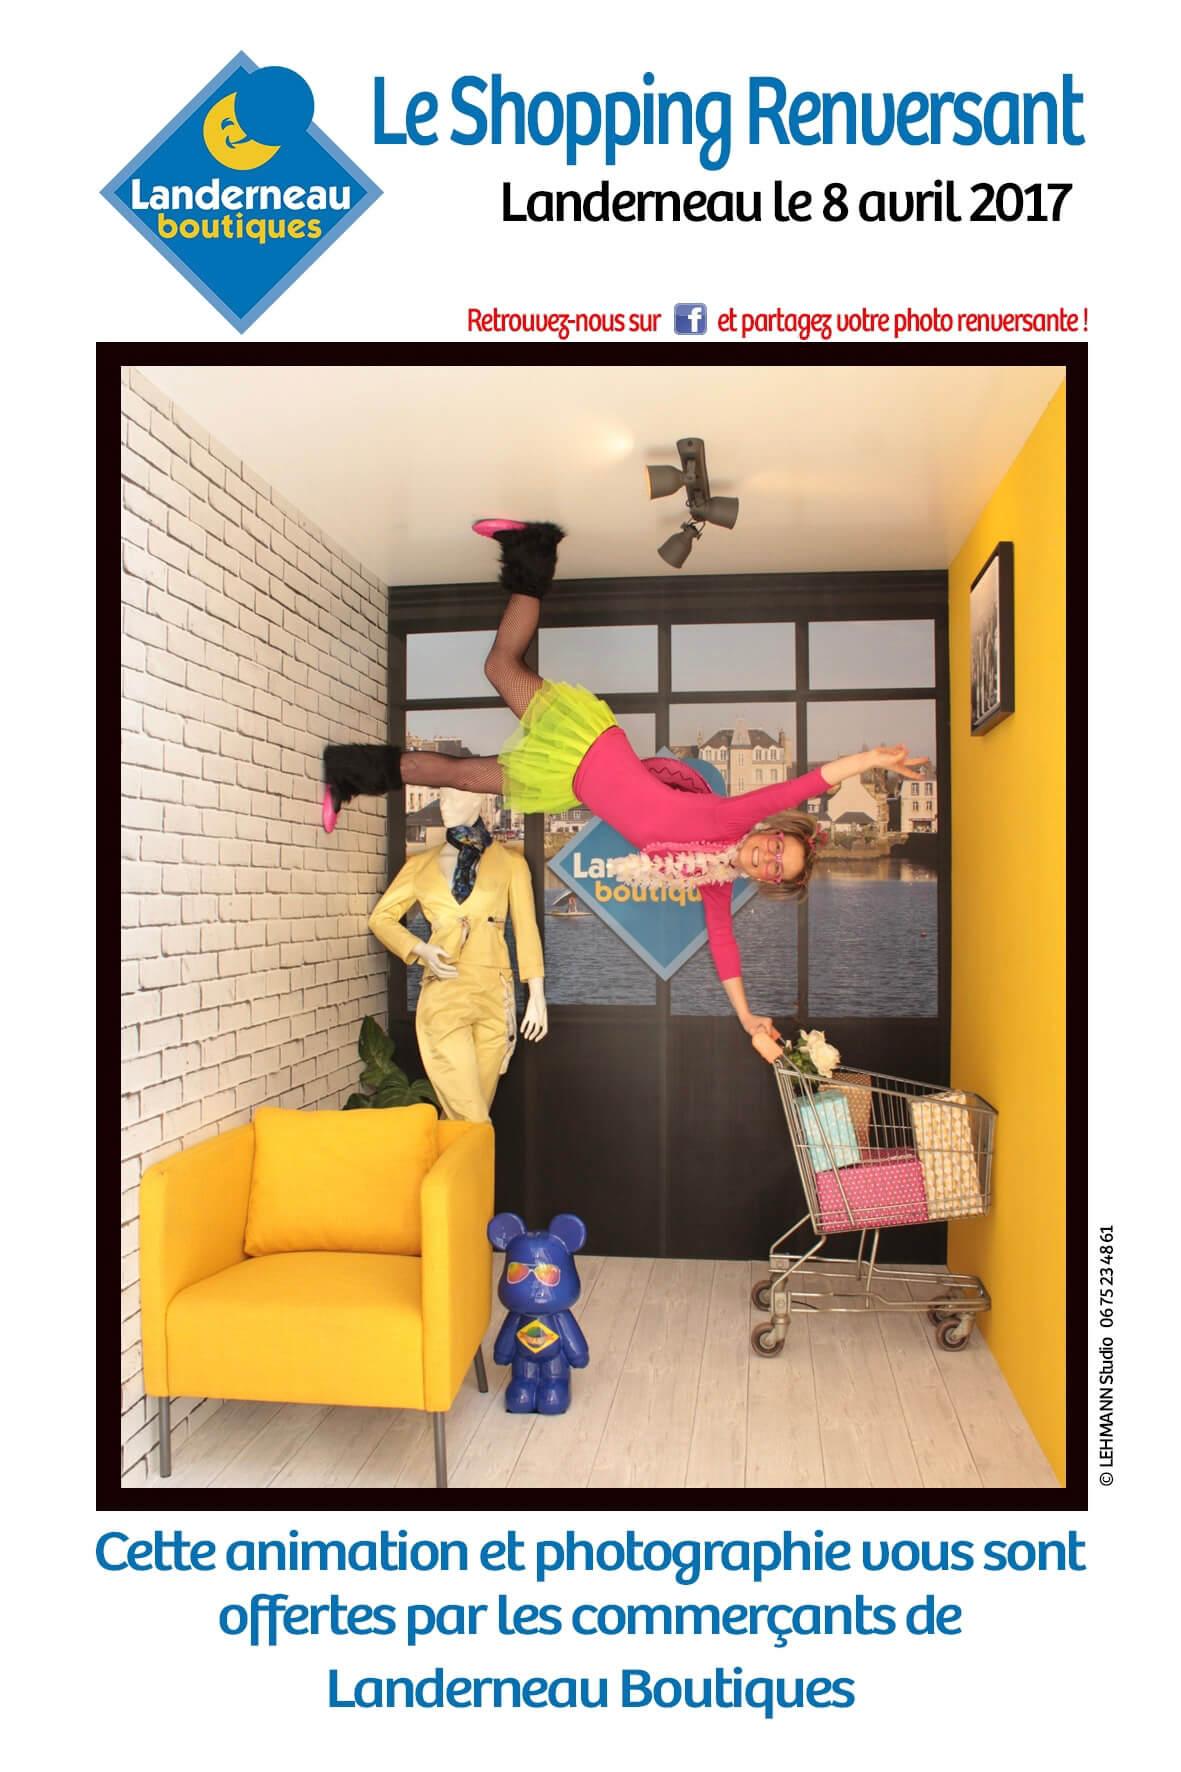 lehman-studio-photographe-angers-evenementiel-gravitybox-ambiance-commerce-landerneau-boutique2